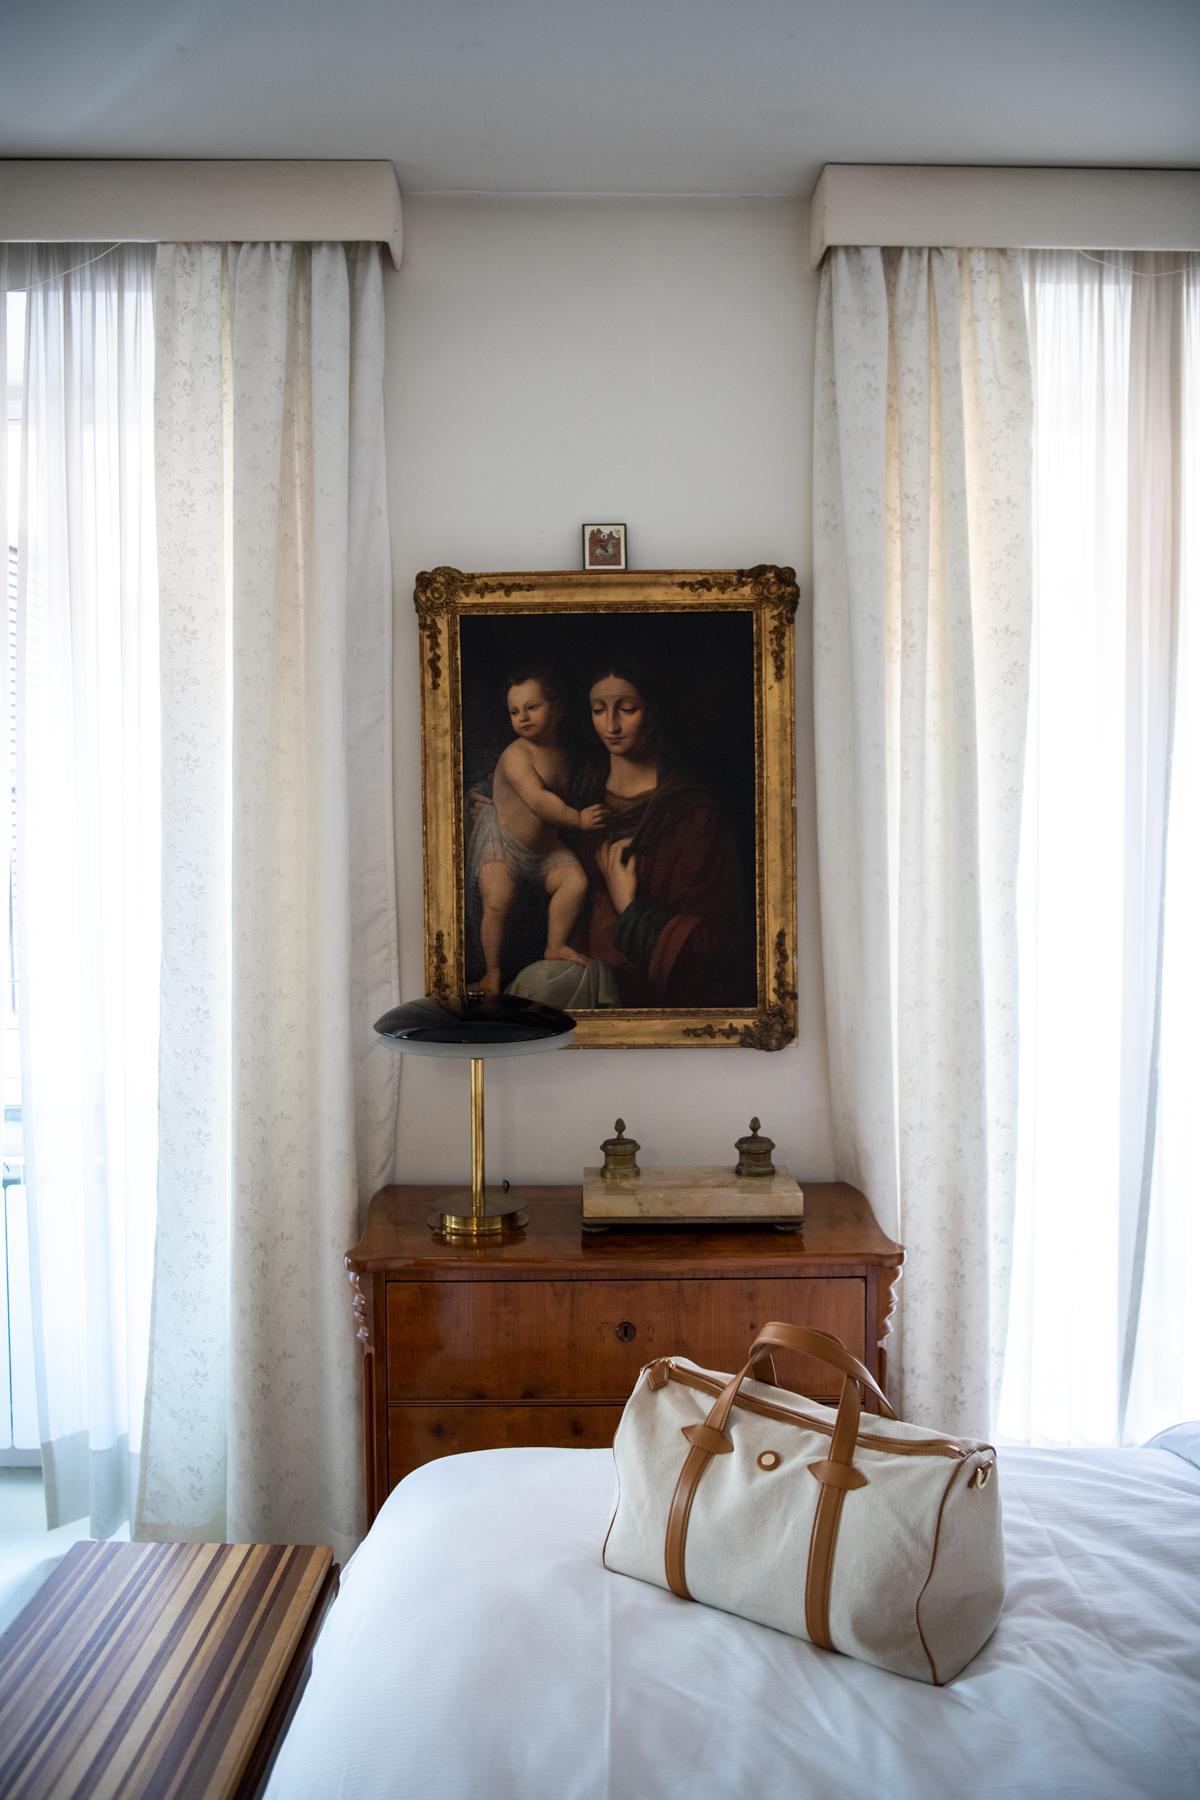 48 Hours in Rome x Stacie Flinner-44-1.jpg